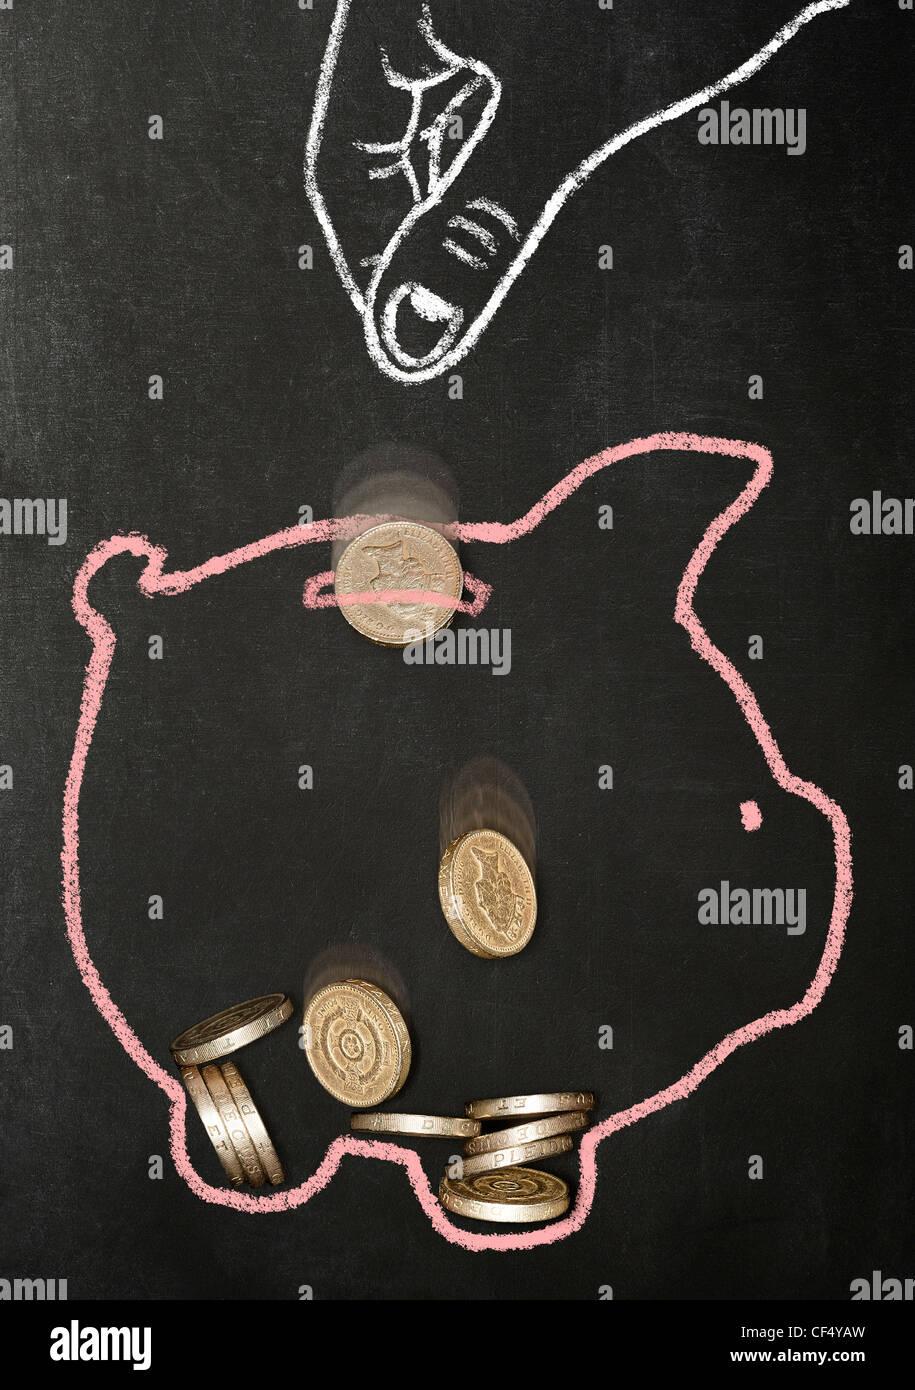 Chalk dibujado a mano real caiga pound monedas en una alcancía de Chalk dibujado Foto de stock